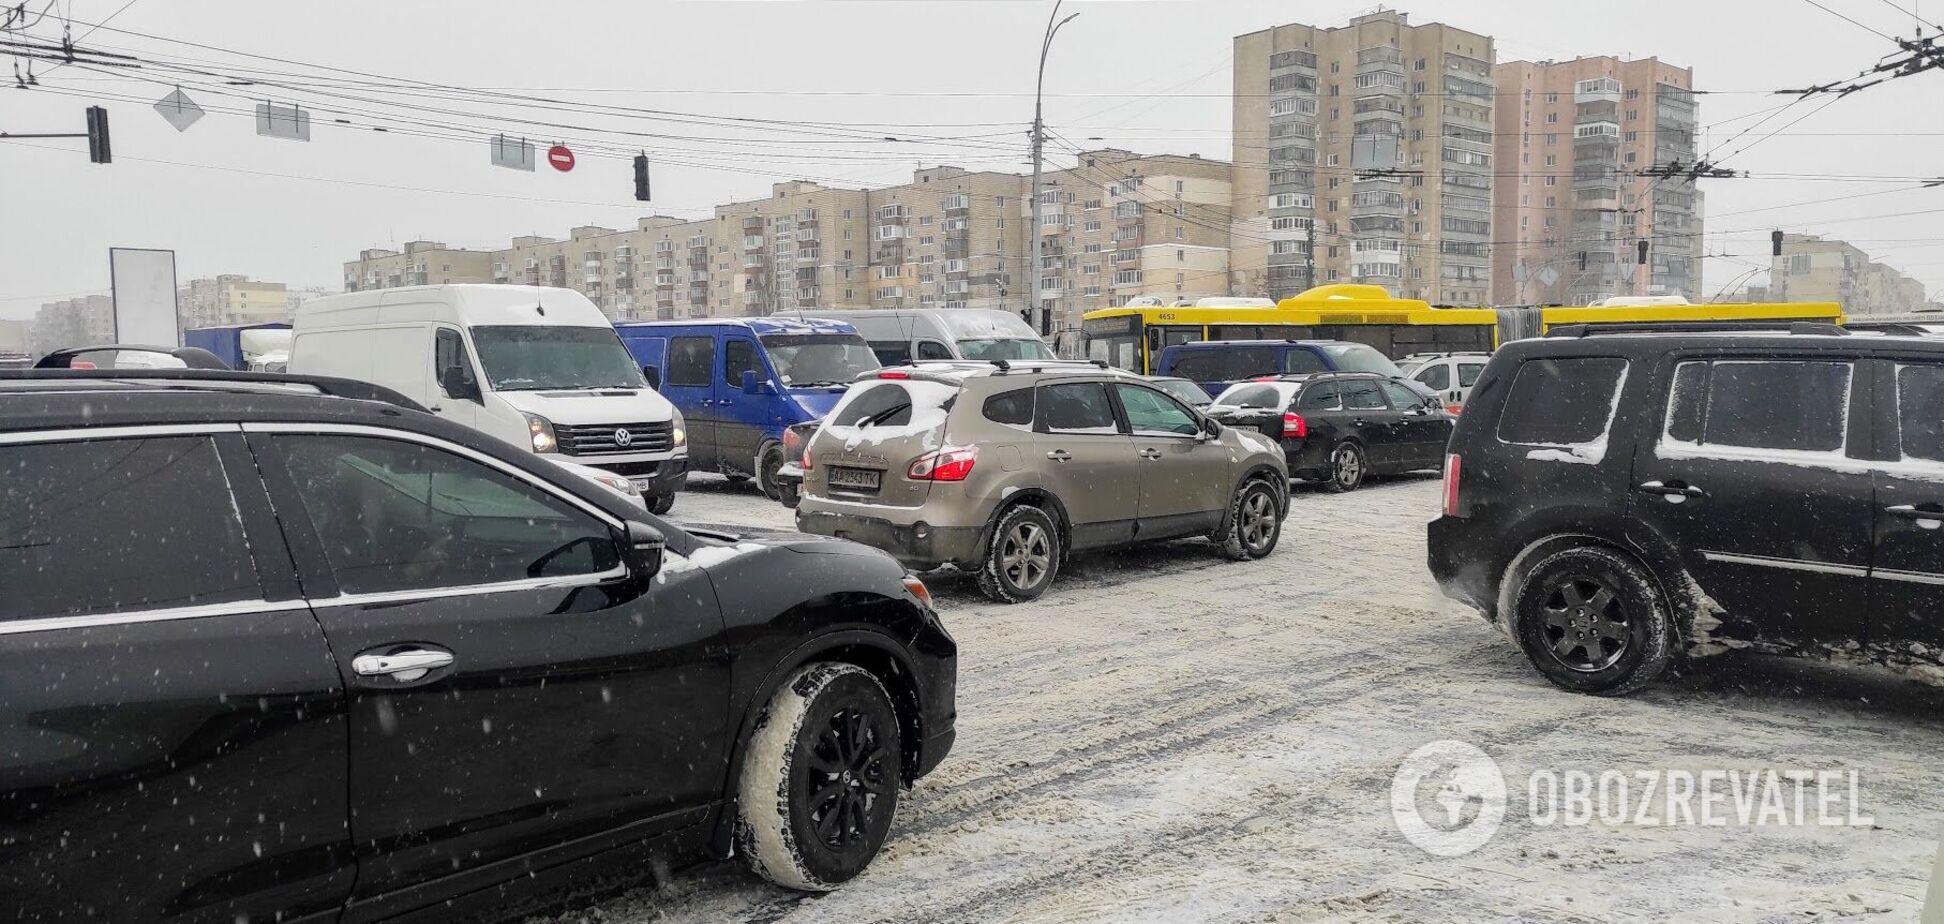 Проблеми з автомобільним трафіком спостерігаються по всьому місту